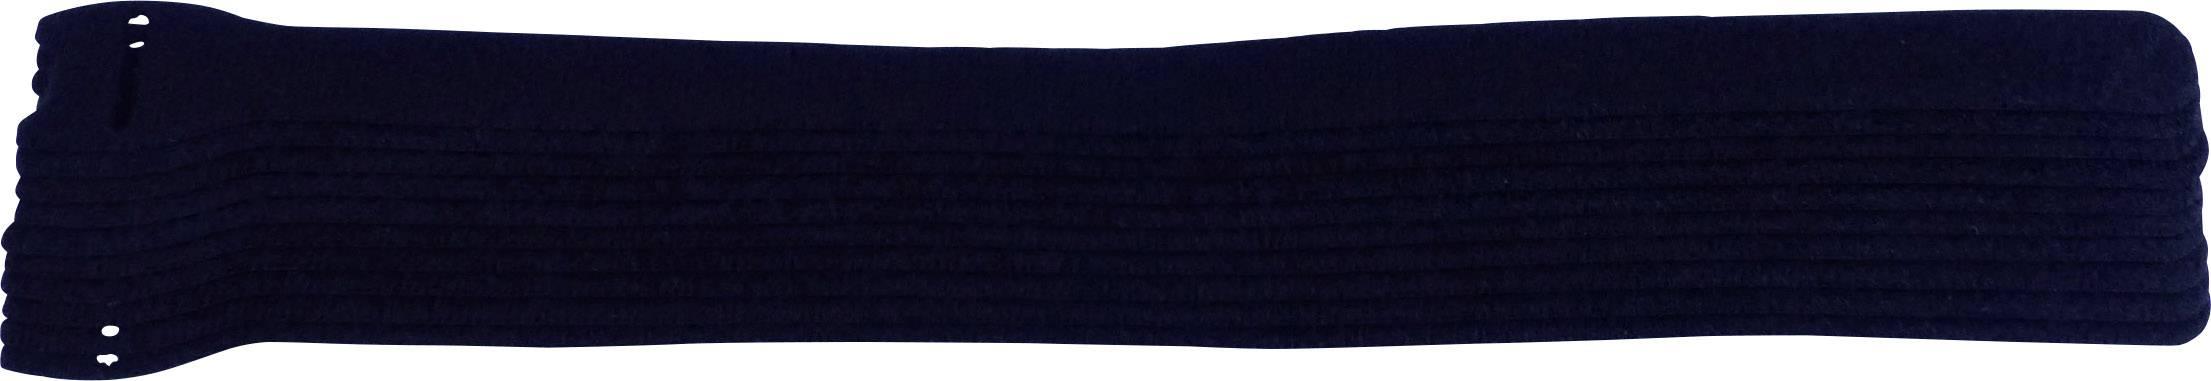 Kabelový manažer na suchý zip TRU COMPONENTS 803-330-Bag, (d x š) 300 mm x 16 mm, černá, 10 ks